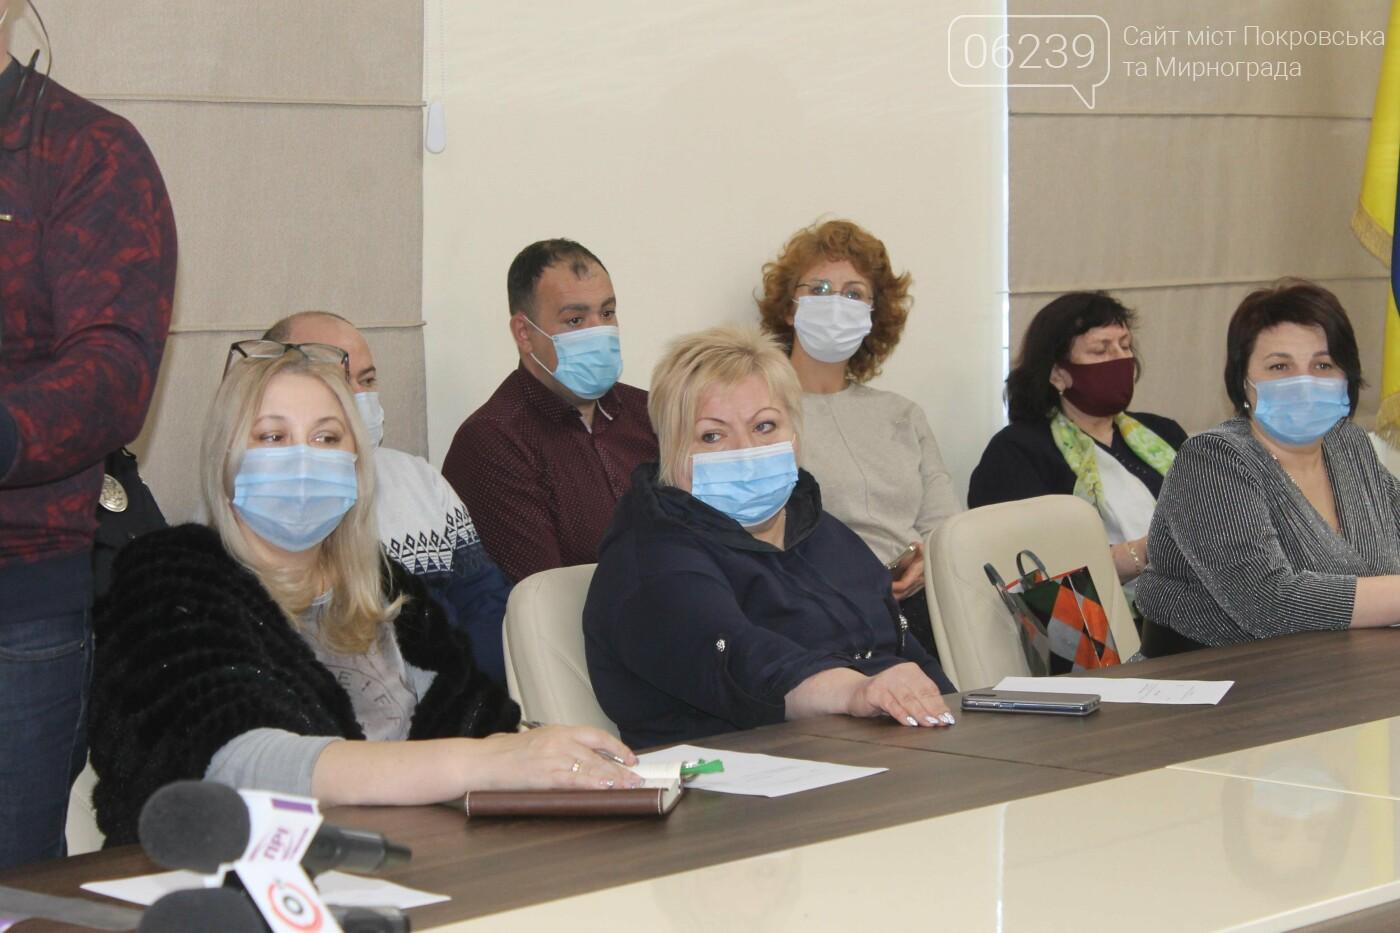 Рост заболеваемости COVID-19: в Покровске вводятся дополнительные карантинные ограничения , фото-1